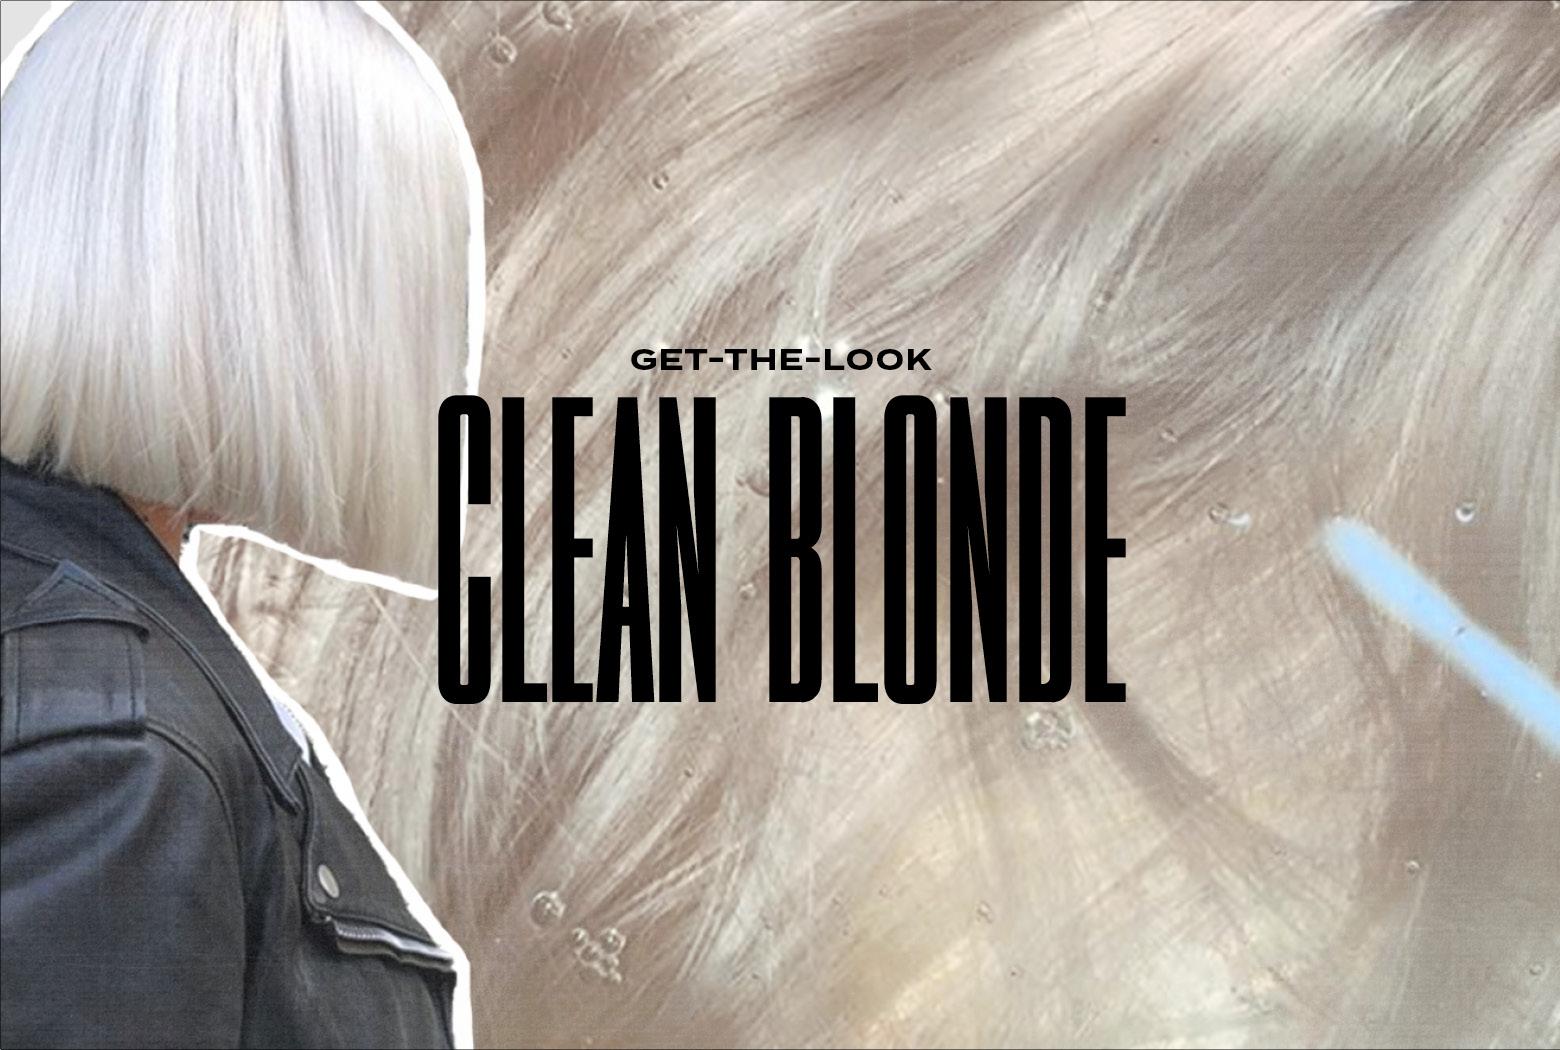 Clean Blonde image